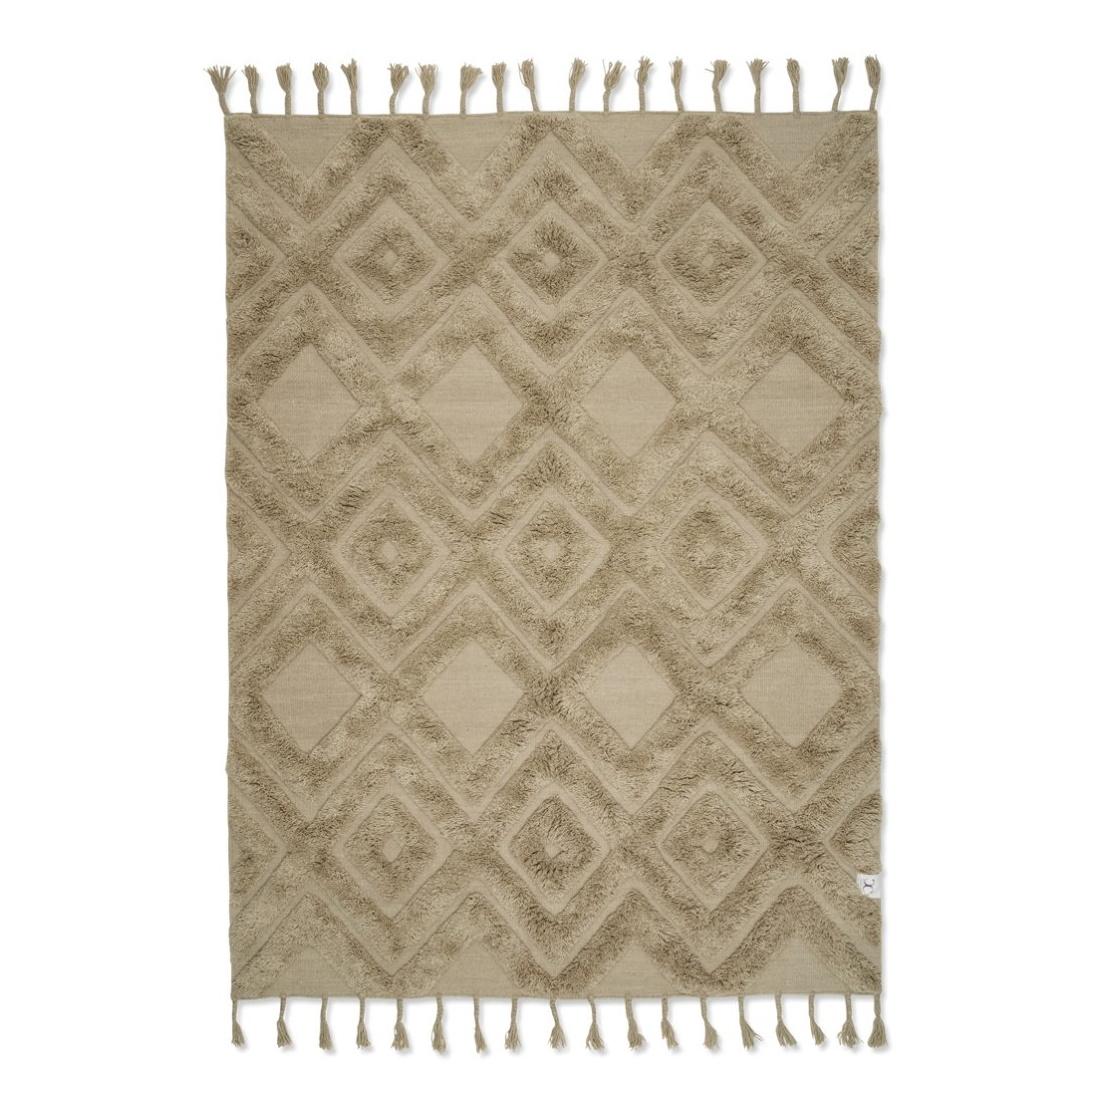 COPENHAGEN Wool Beige 250 x 350 cm Classic Collection